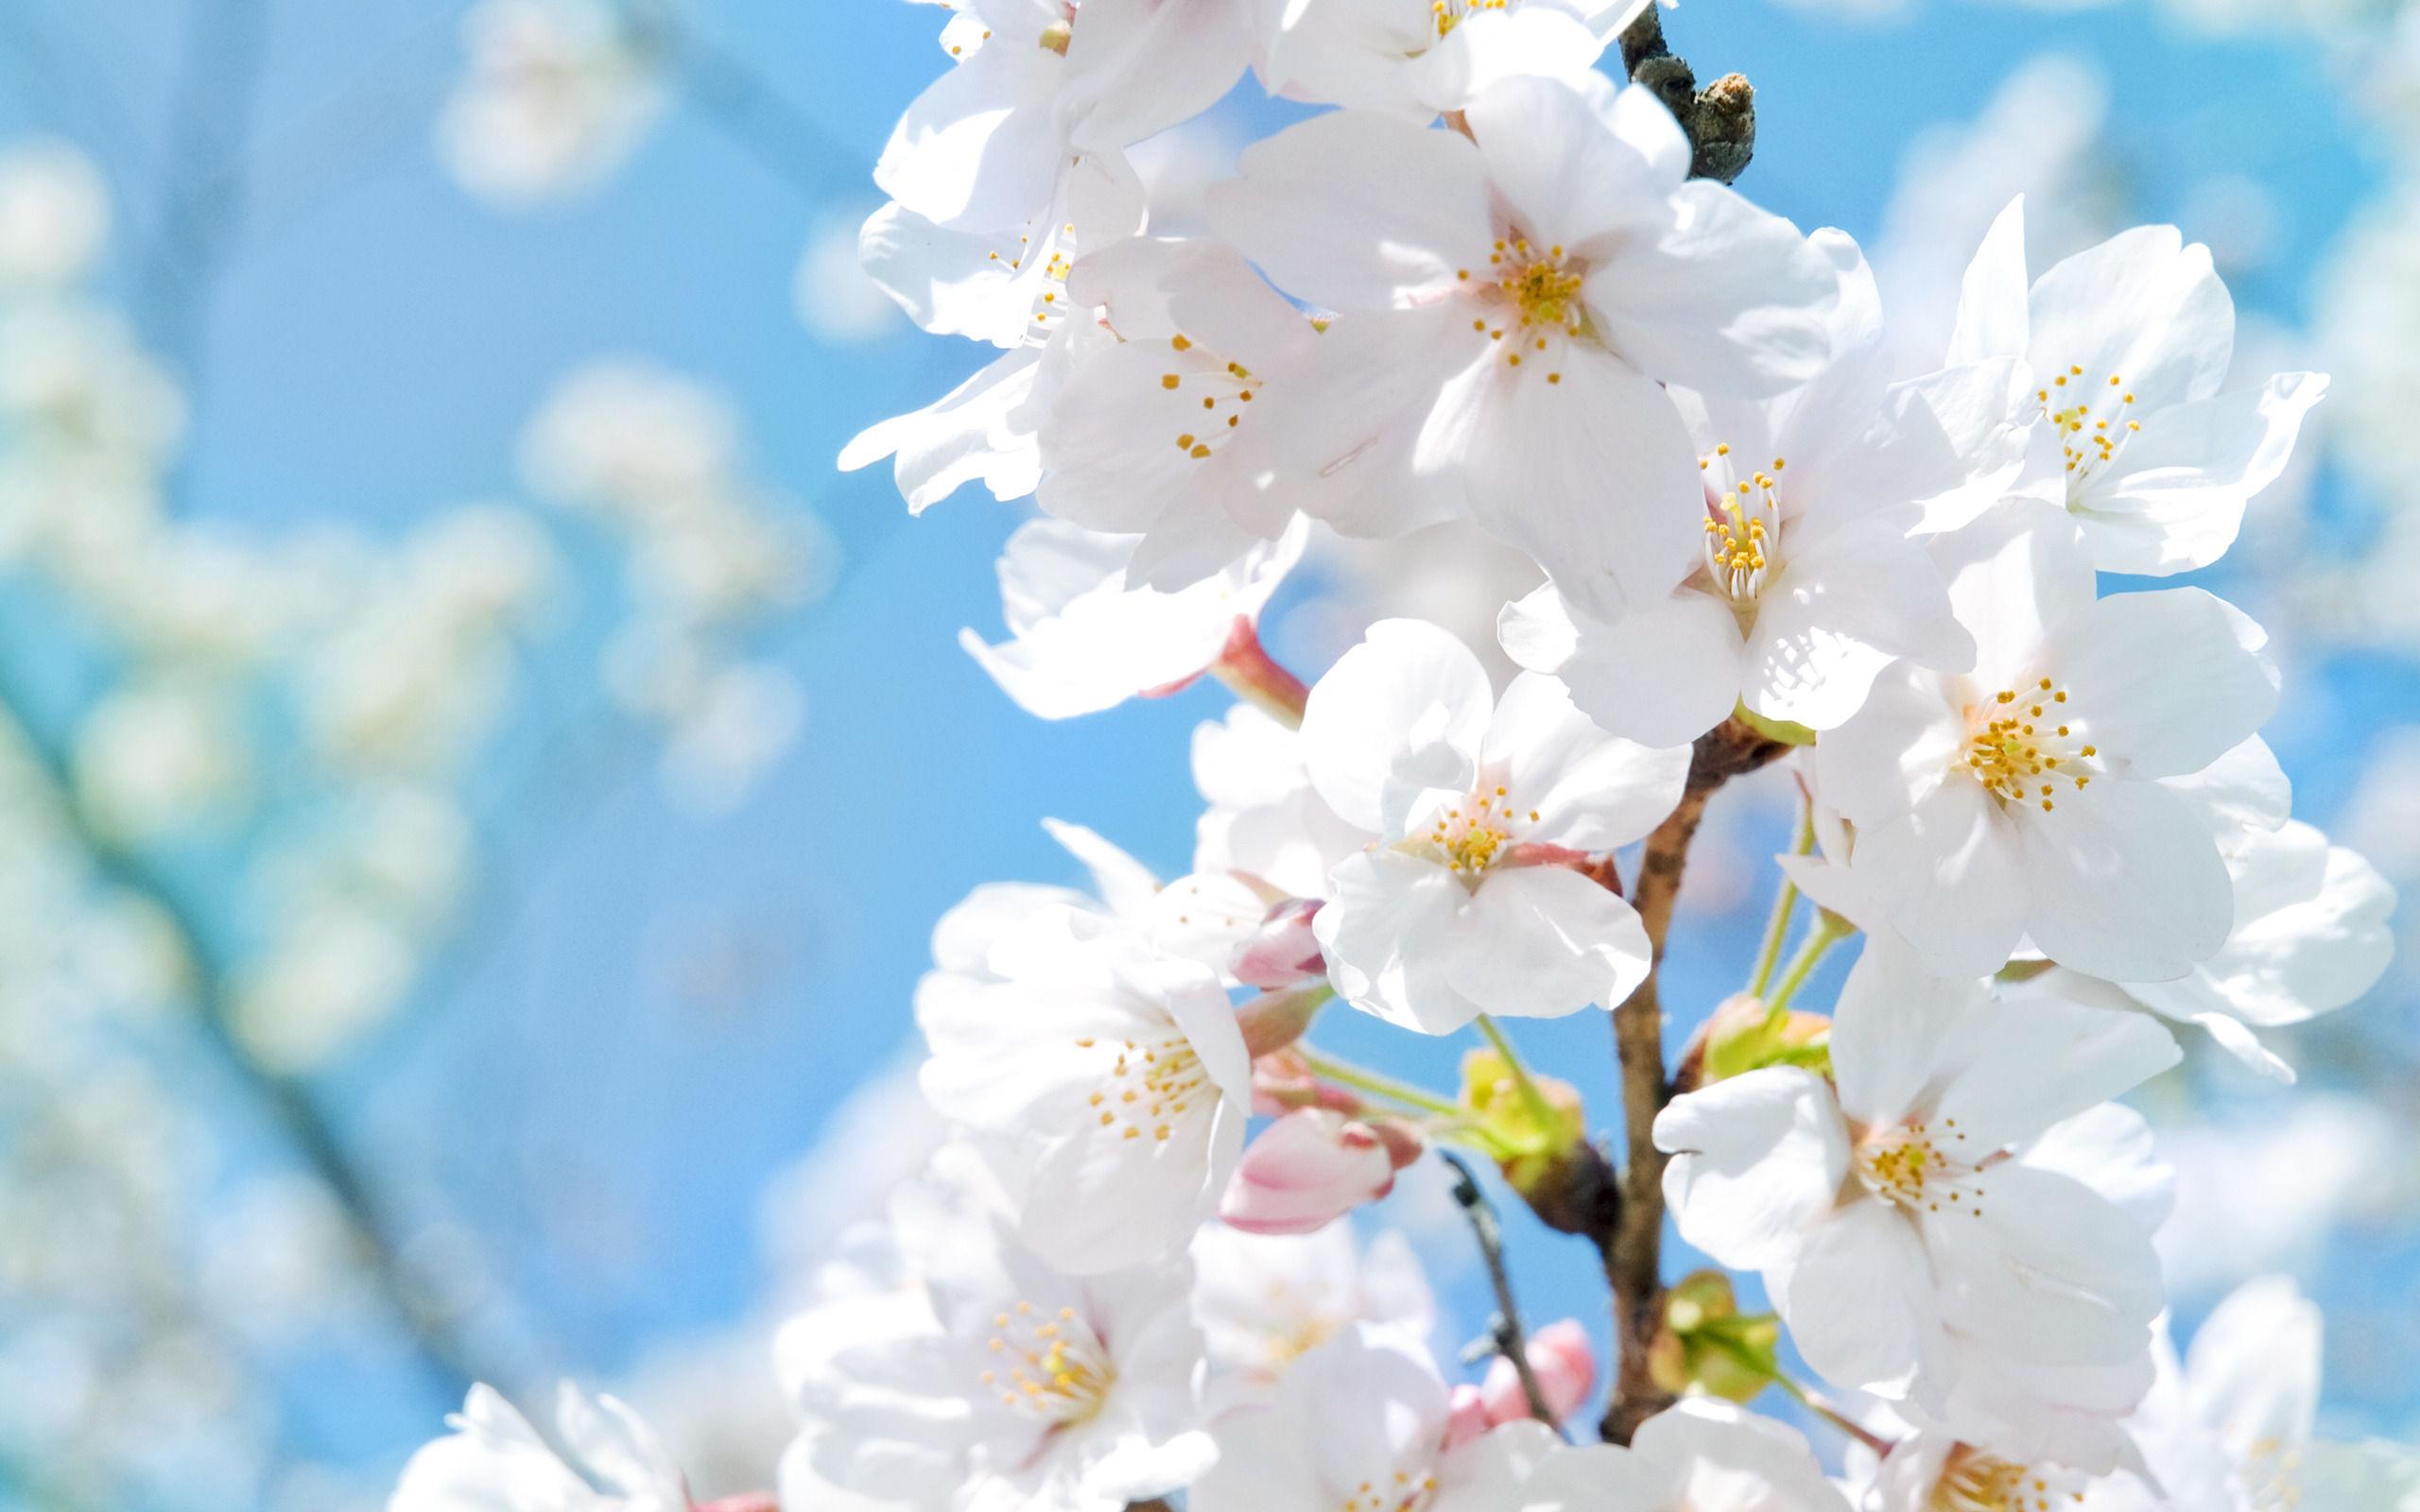 fonds d'écran fleurs blanches - maximumwallhd